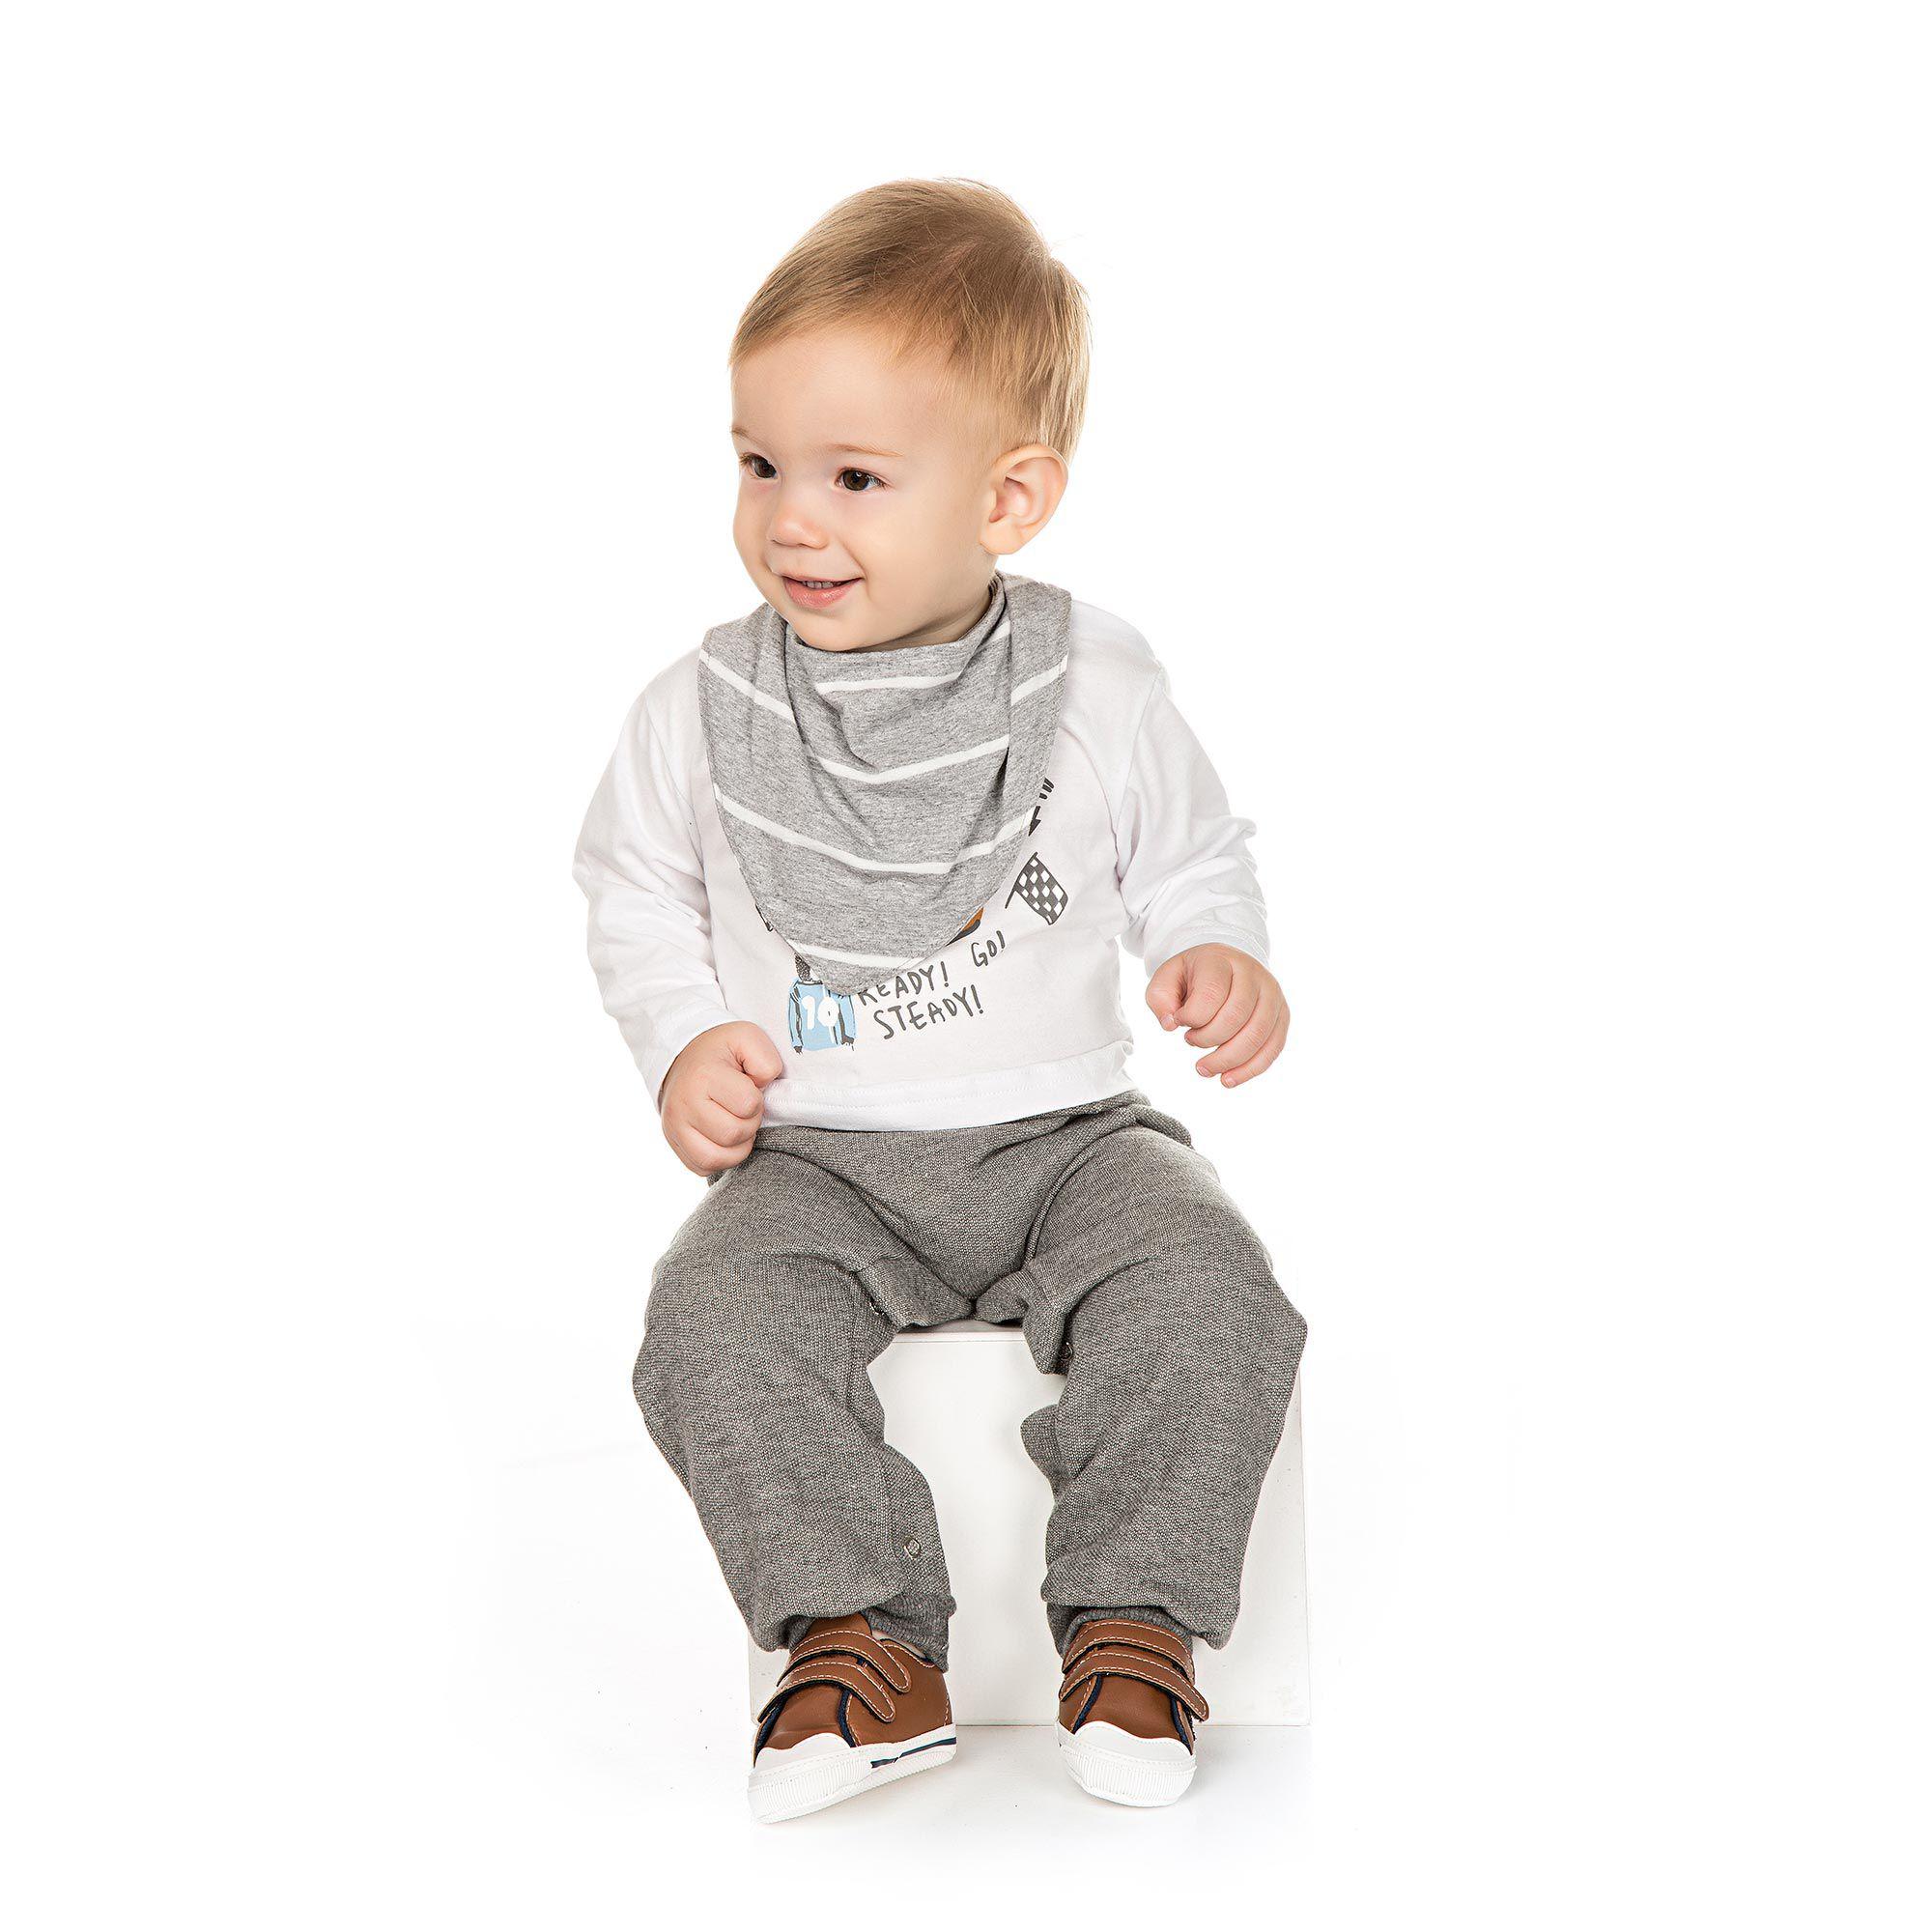 Conjunto Macacão Infantil com Babador para Bebê - Ref 4950 - Branco/Mescla